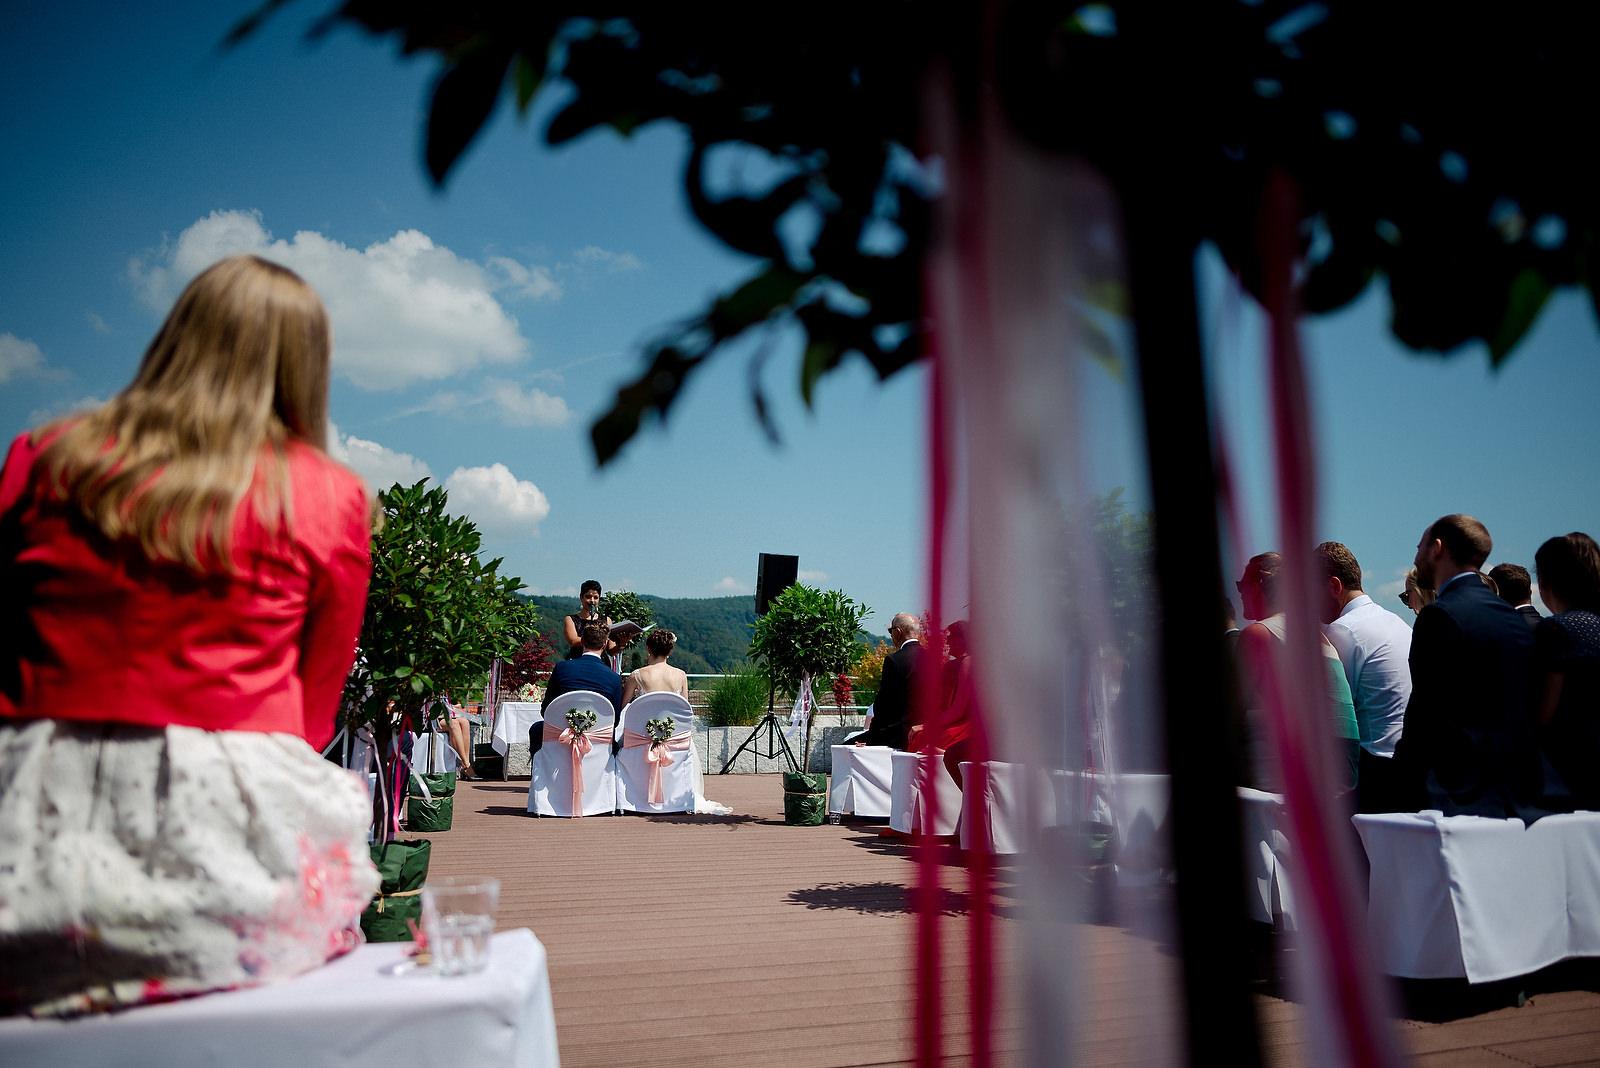 Fotograf Konstanz - Hochzeitsfotograf Bodensee Zollhaus Ludwigshafen Hochzeit Konstanz EFP 022 - Hochzeitsreportage im Zollhaus in Bodman-Ludwigshafen, Bodensee  - 156 -